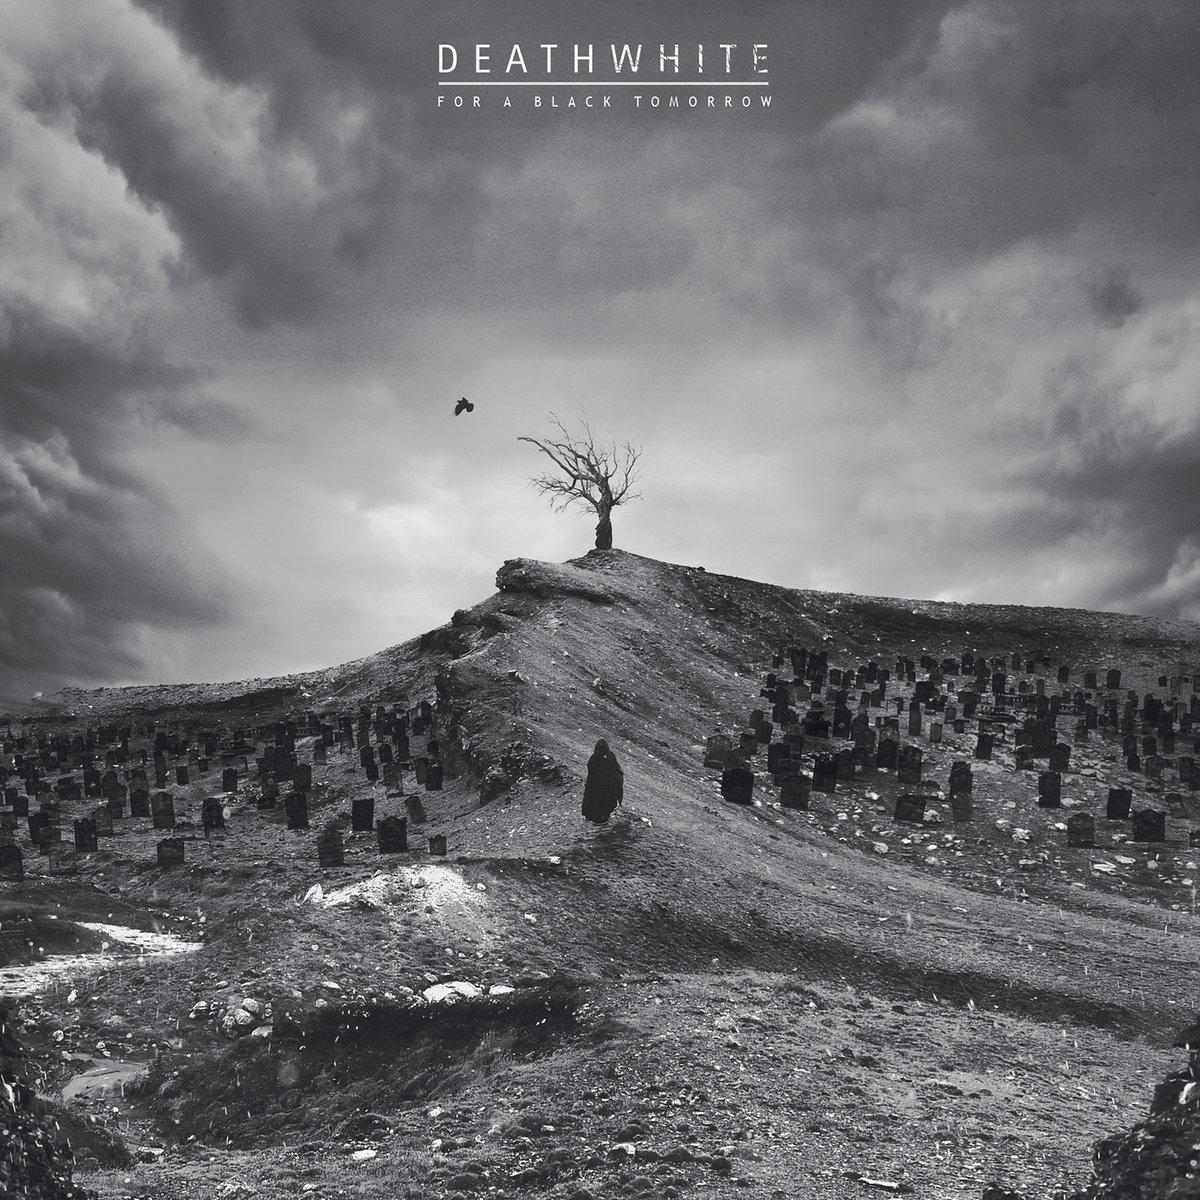 Αποτέλεσμα εικόνας για deathwhite for a black tomorrow review